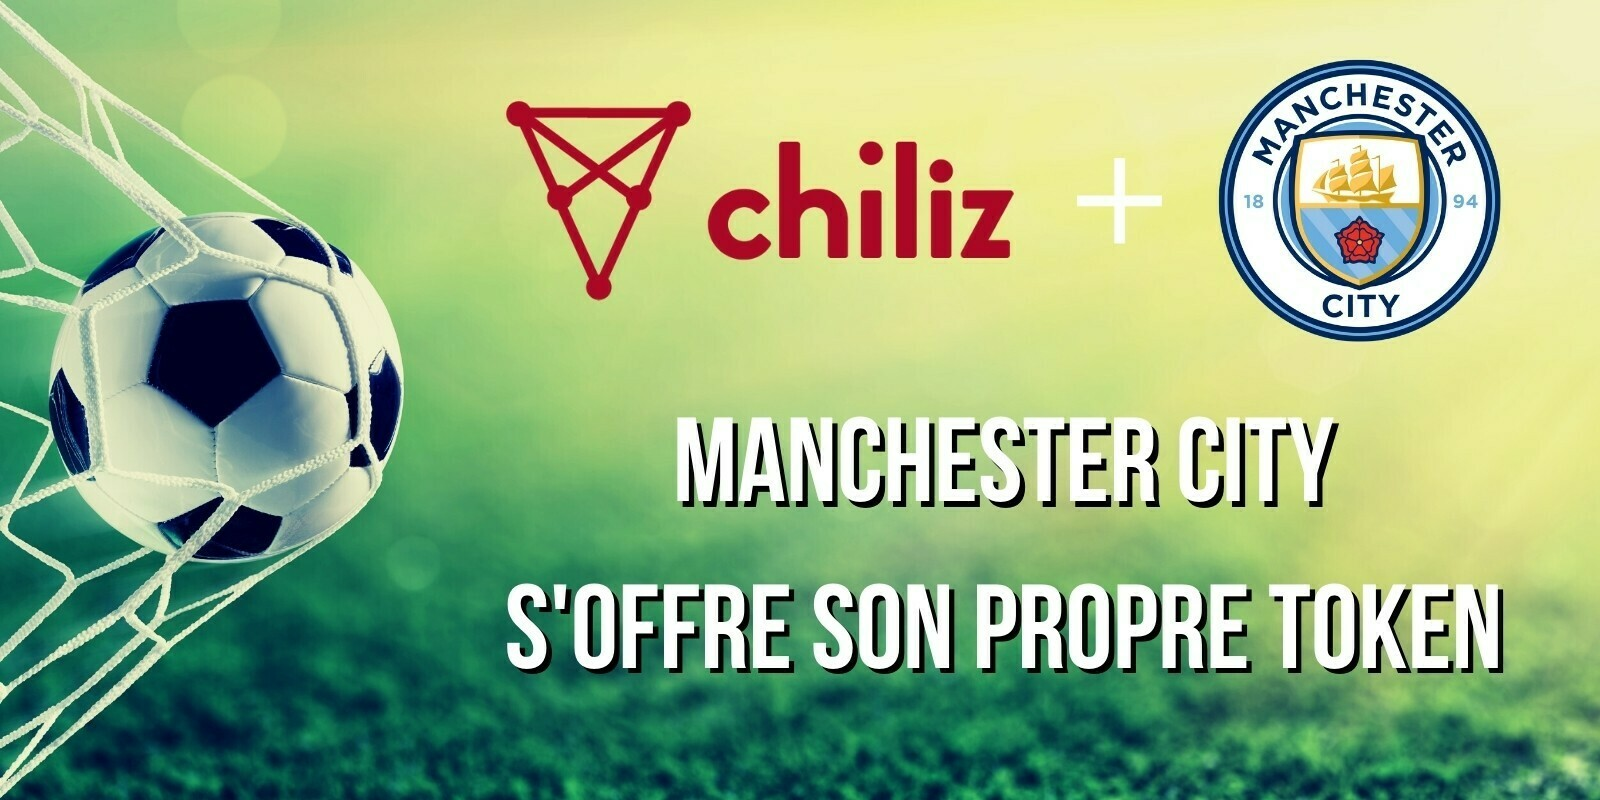 Manchester City lance son propre token en s'associant avec Chiliz (CHZ)